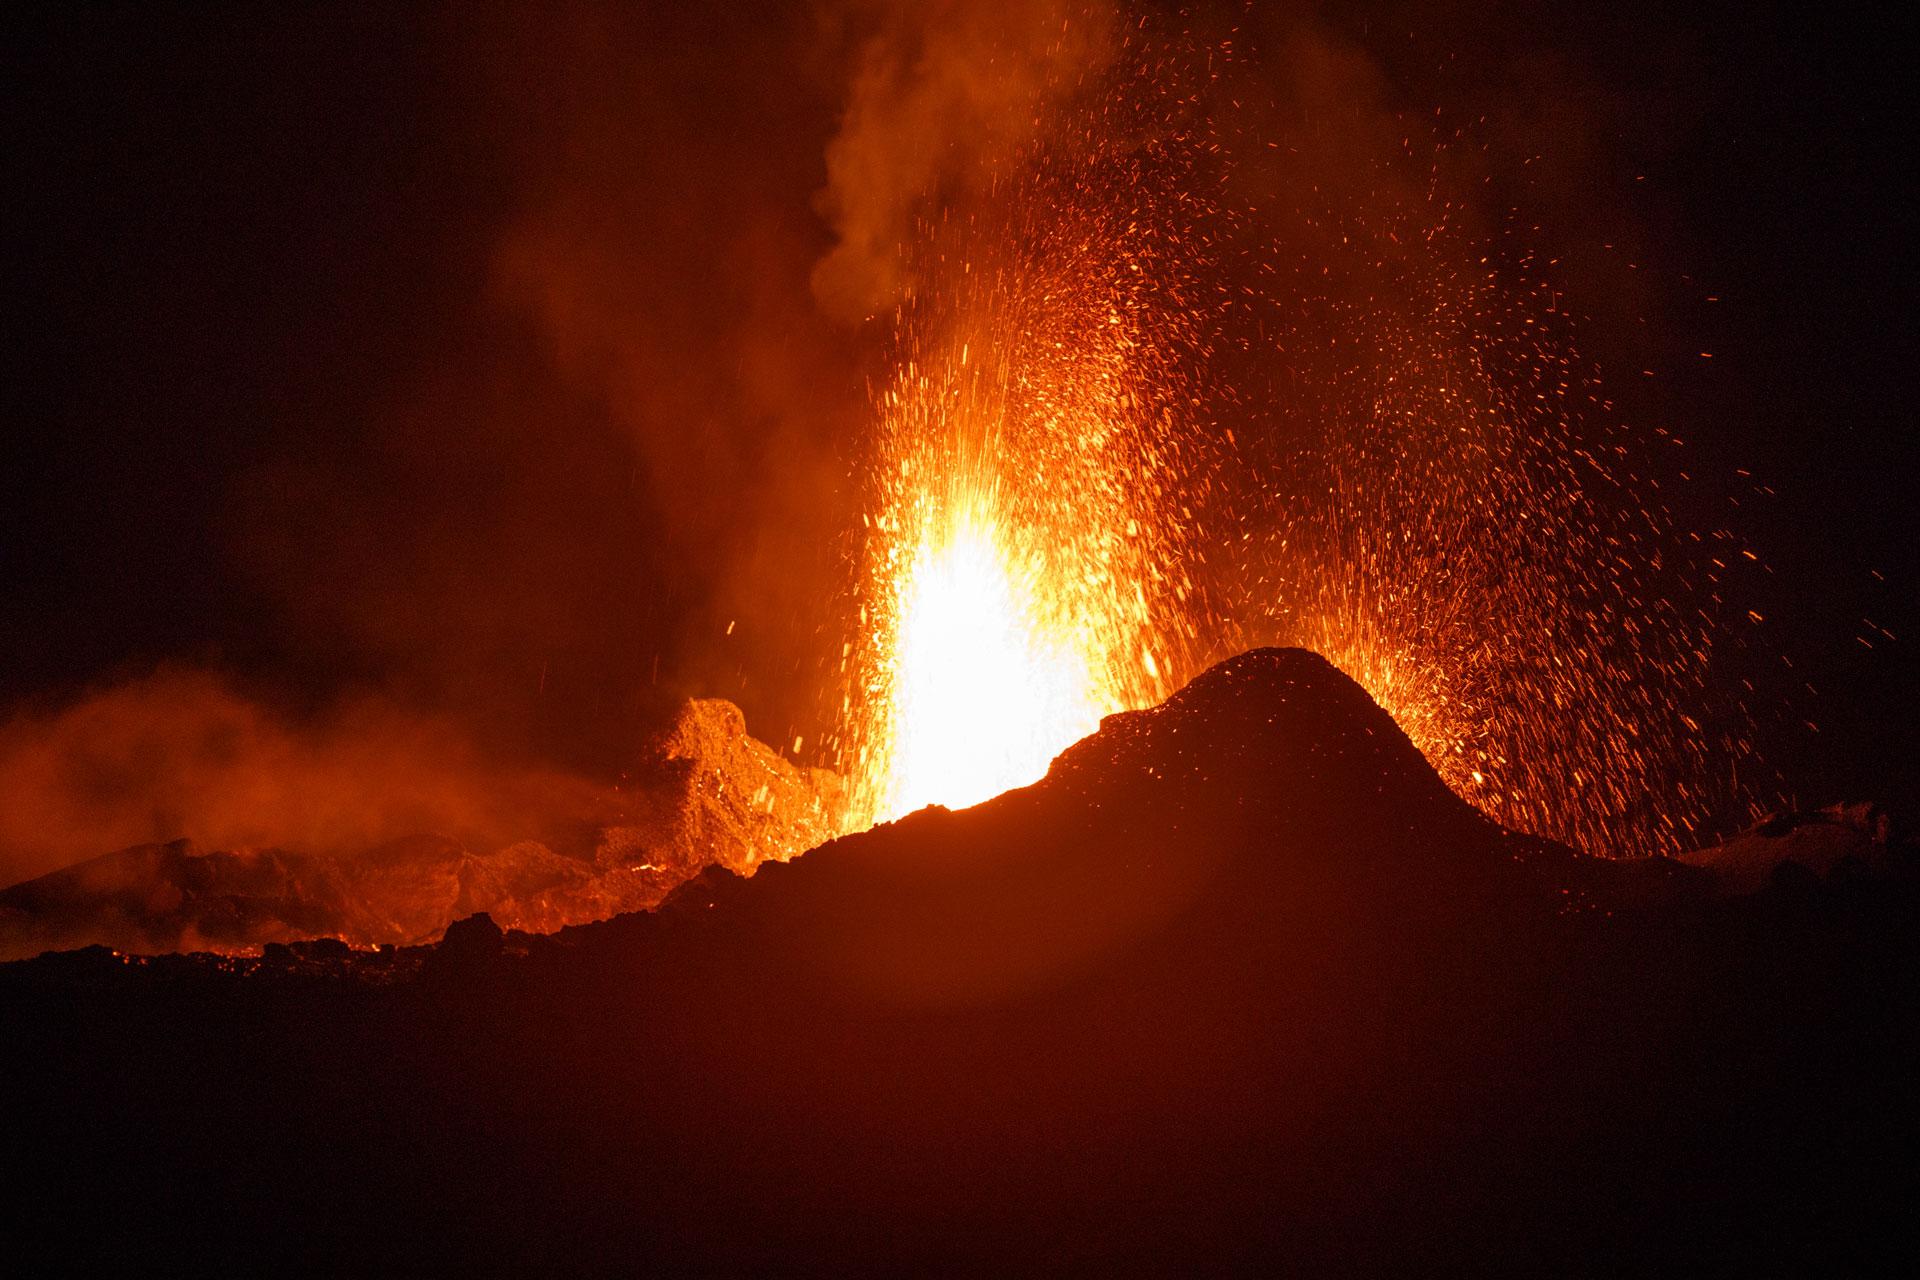 DodoExcursions vue sur le volcan piton de La Fournaise en éruption à l'île de La Réunion